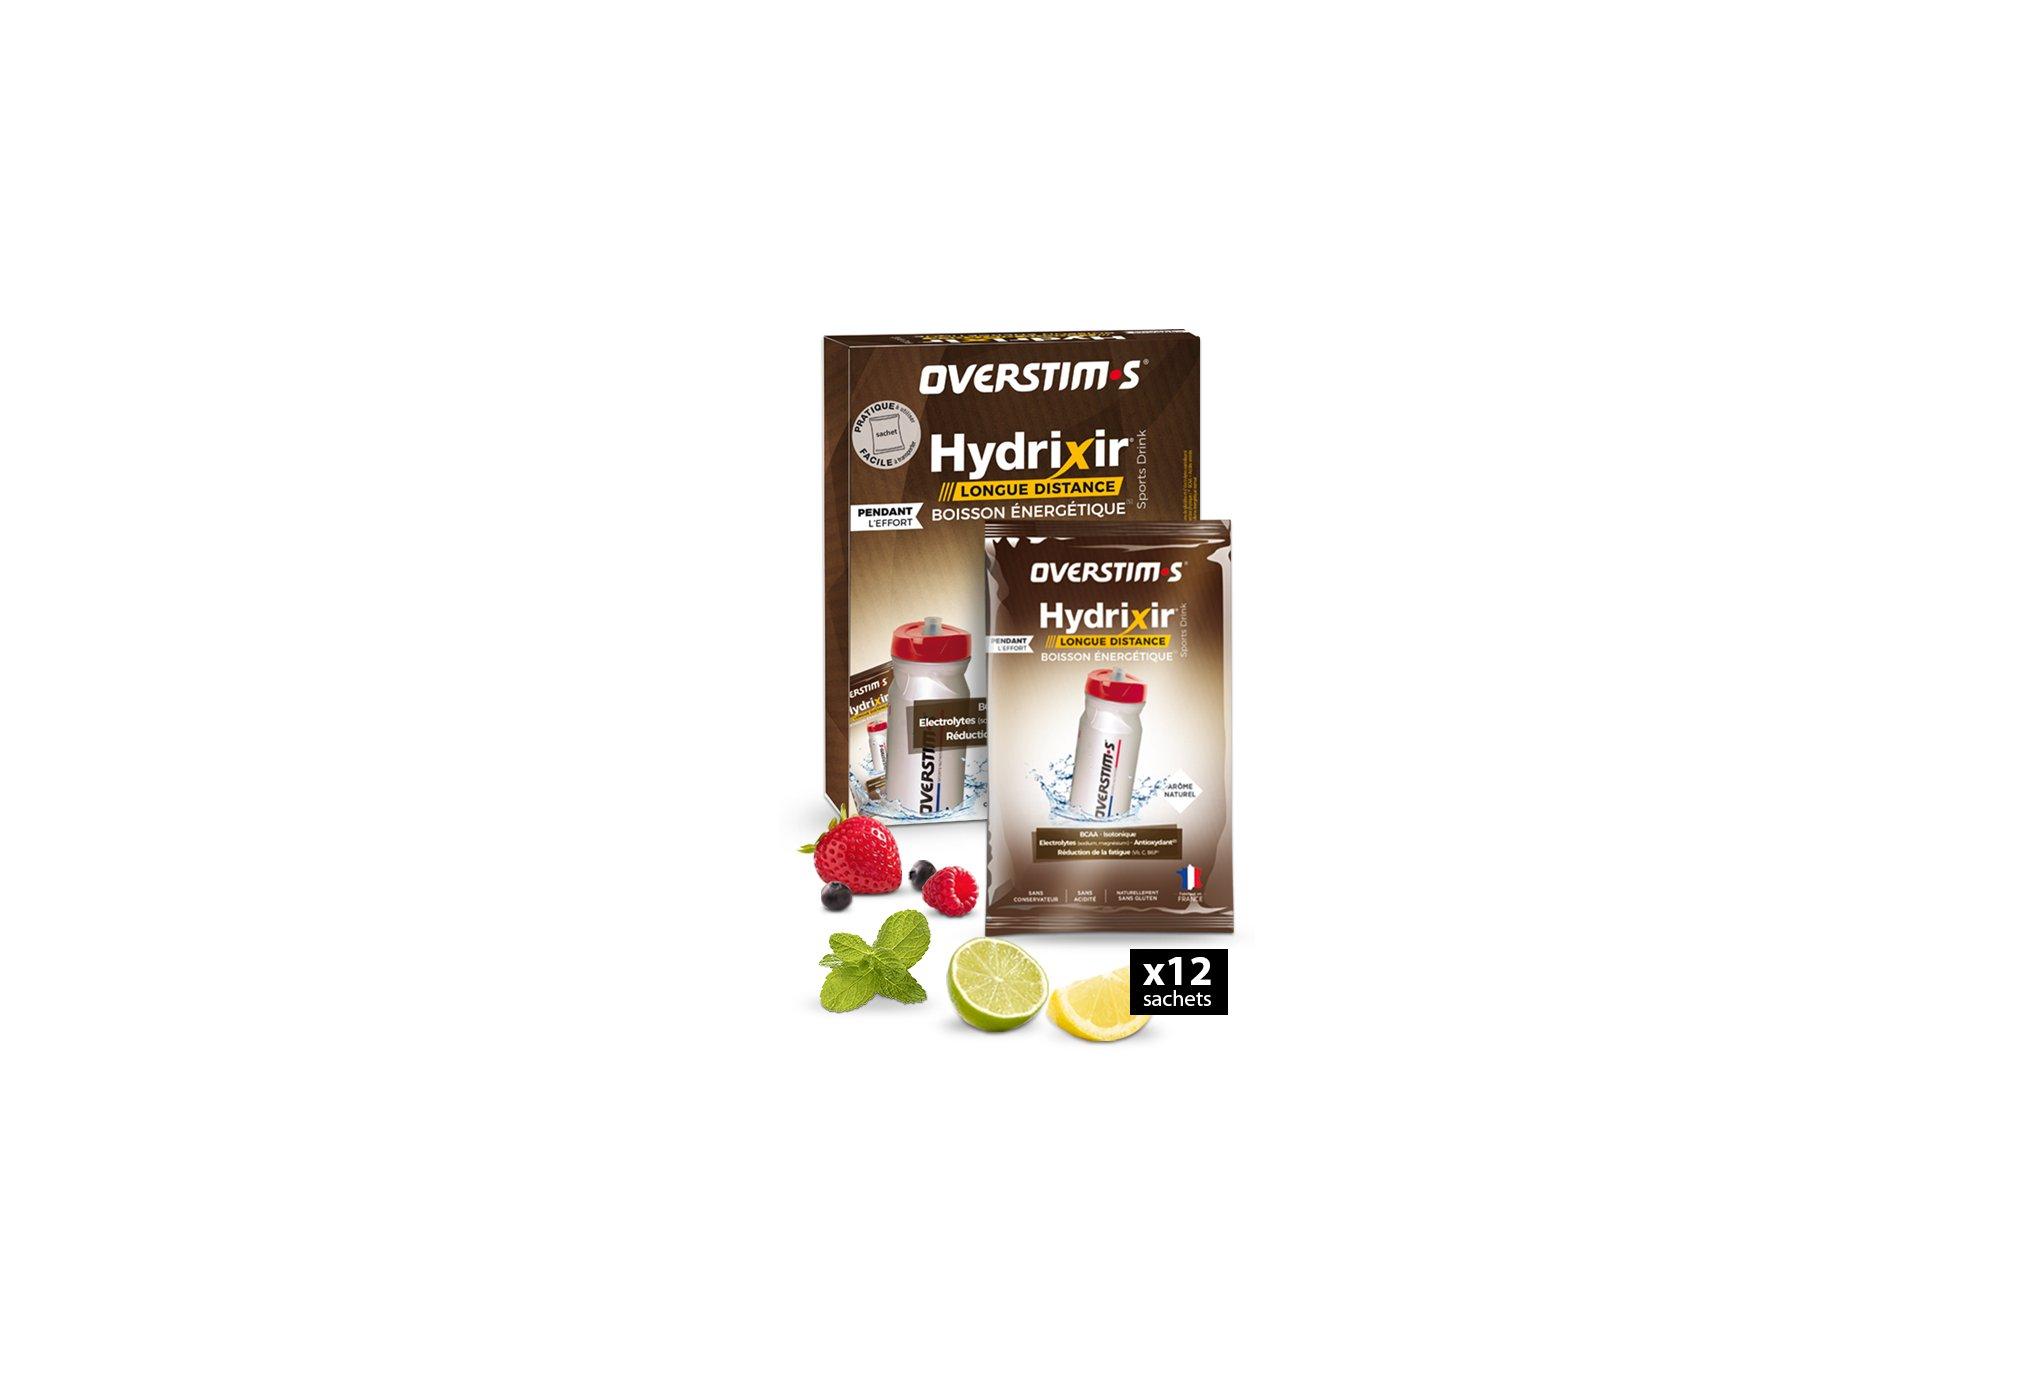 OVERSTIMS Hydrixir Longue Distance 12 sachets - Assortiments d'arômes Diététique Boissons